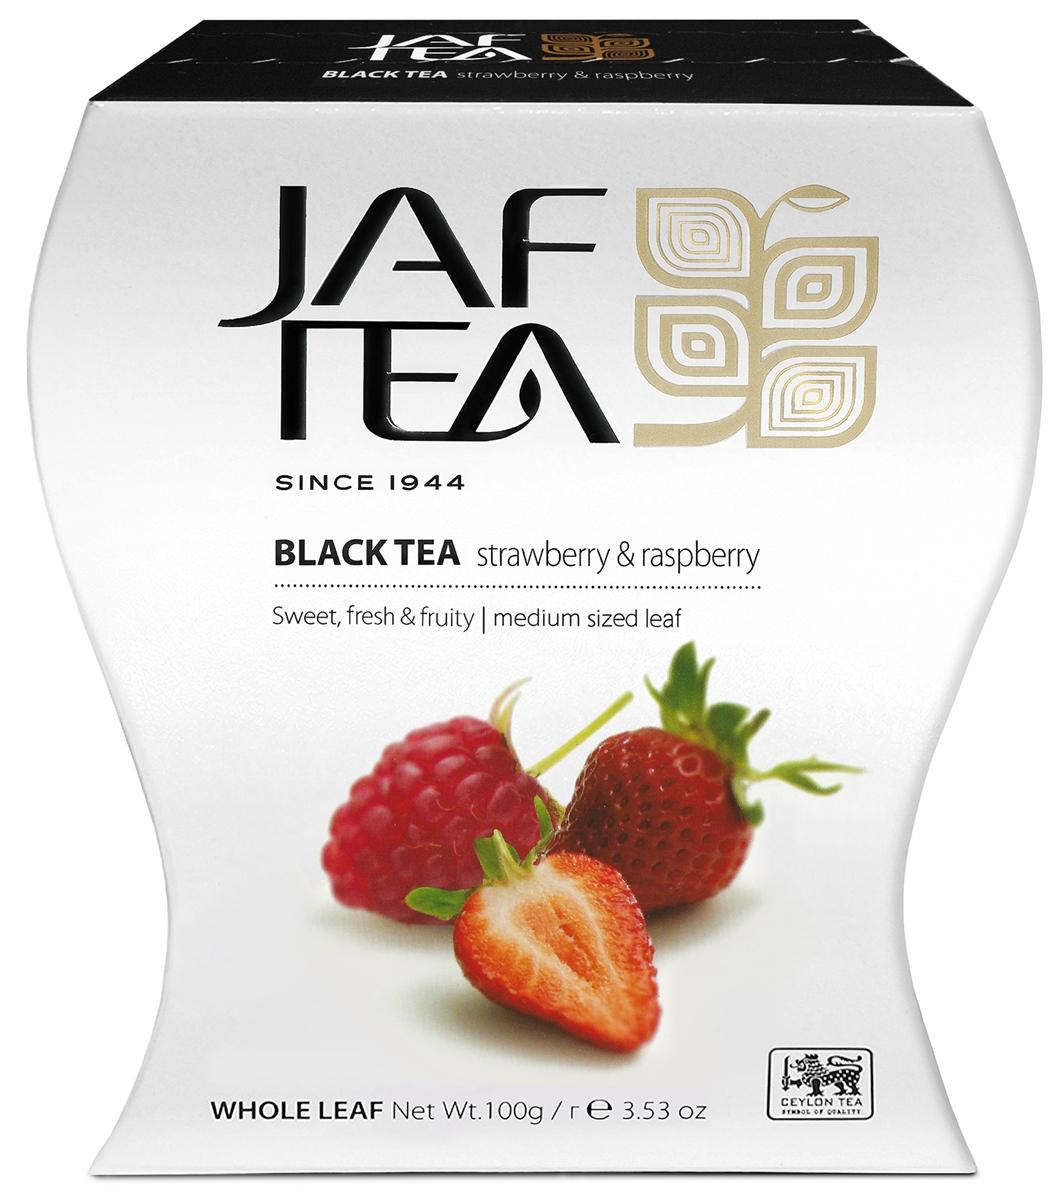 Jaf Tea PC Strawberry & Raspberry чай черный крупнолистовойс ароматом клубники и малины, 100 г baron французские трюфели с кусочками малины 100 г